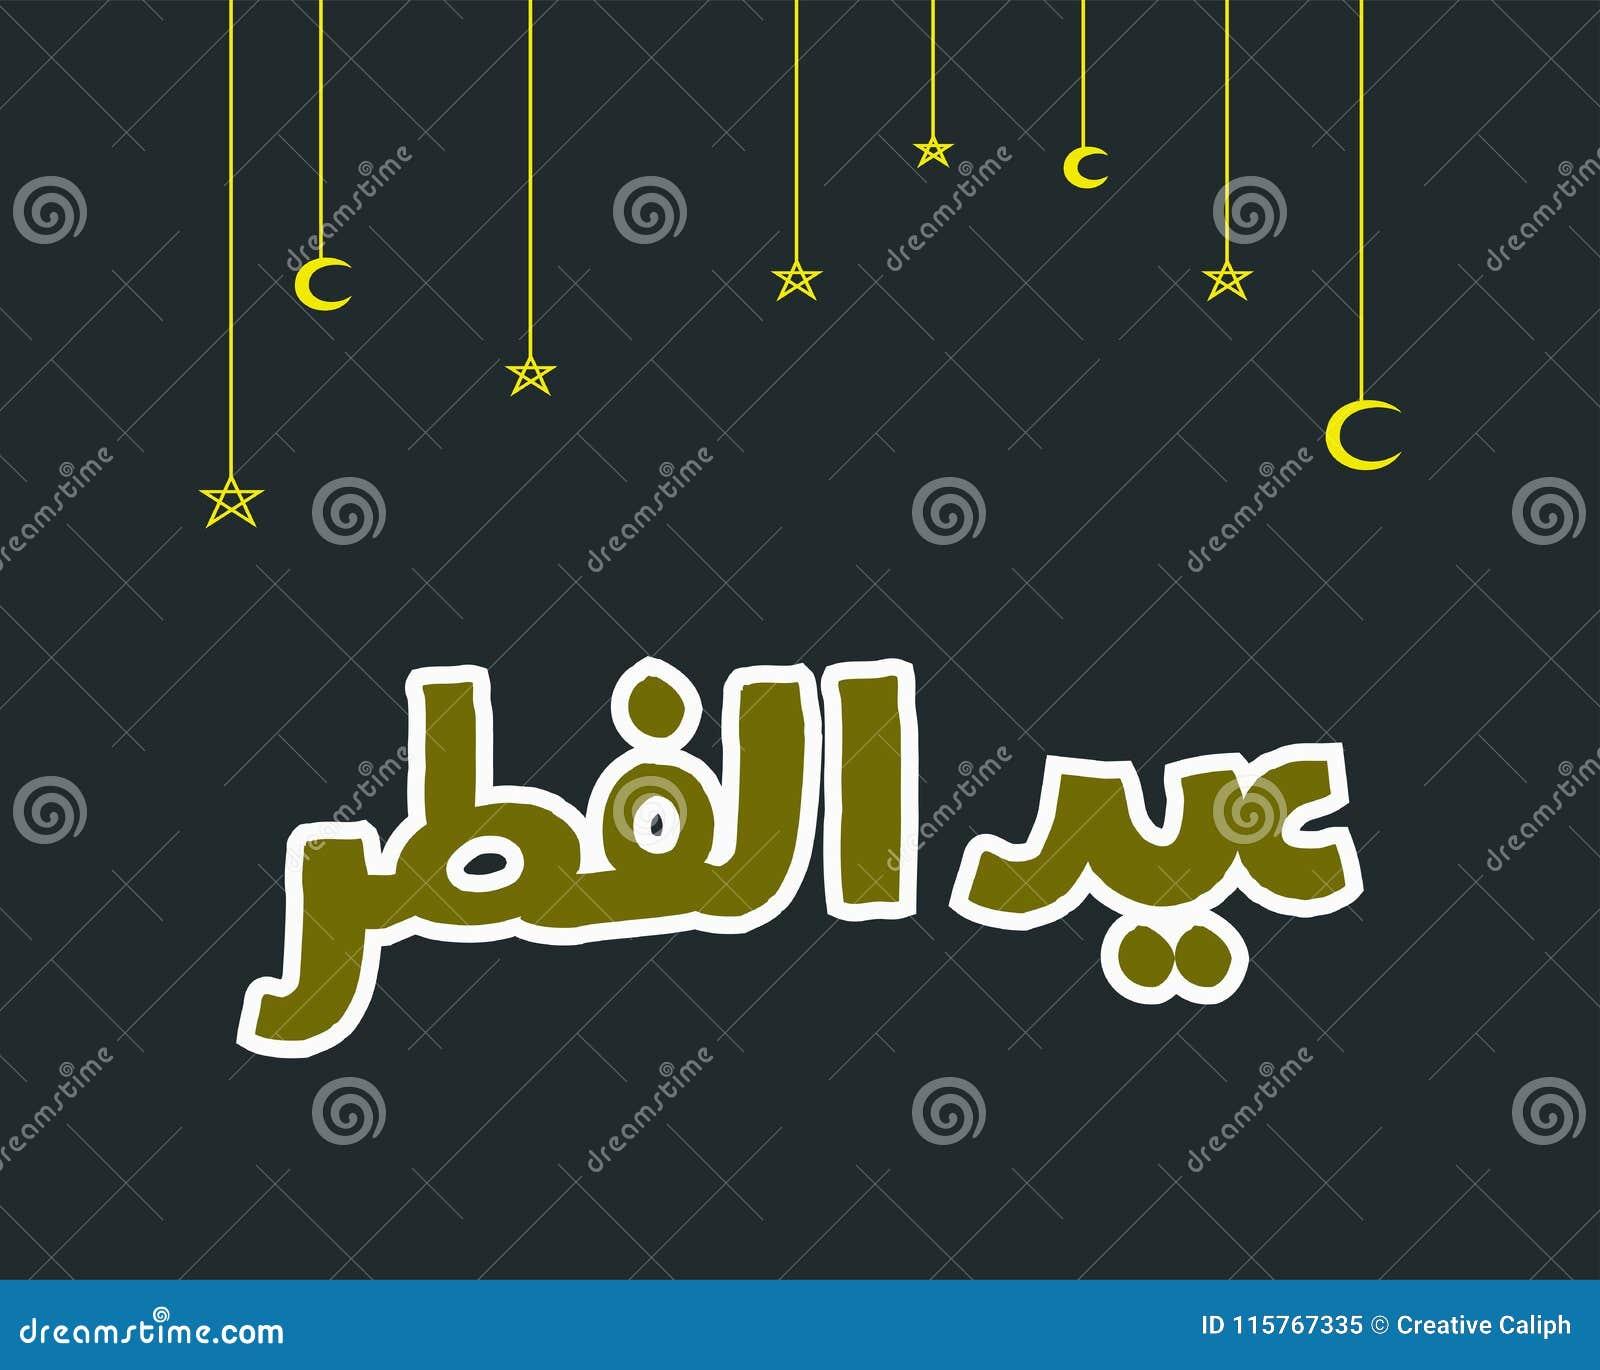 Vector Illustration Of Salam Aidilfitri And Eid Mubarak